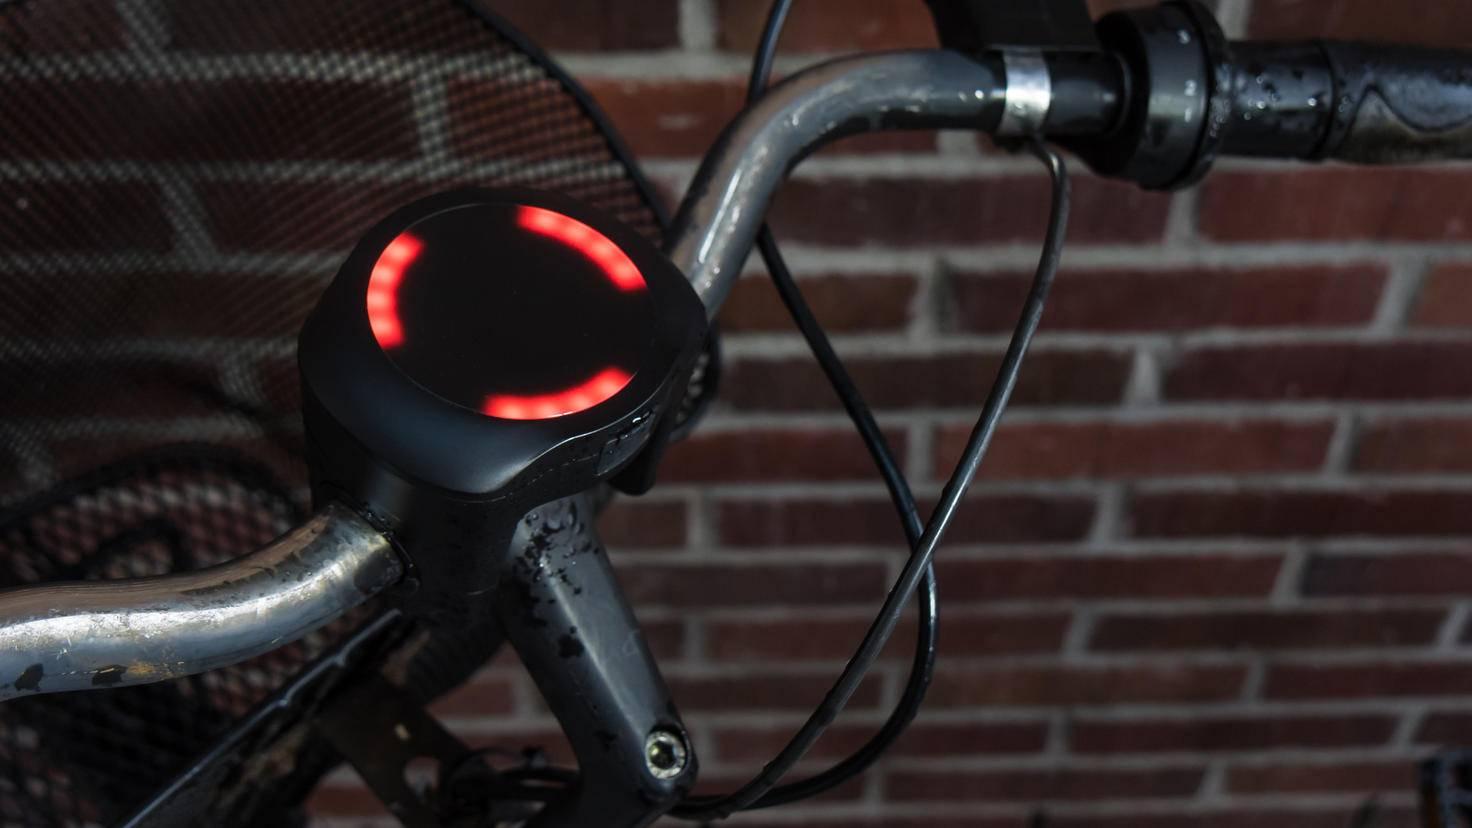 Der Diebstahlschutz von SmartHalo droht erst ein paar Mal mit rotem Licht und Brummtönen, bevor er den Alarm auslöst.